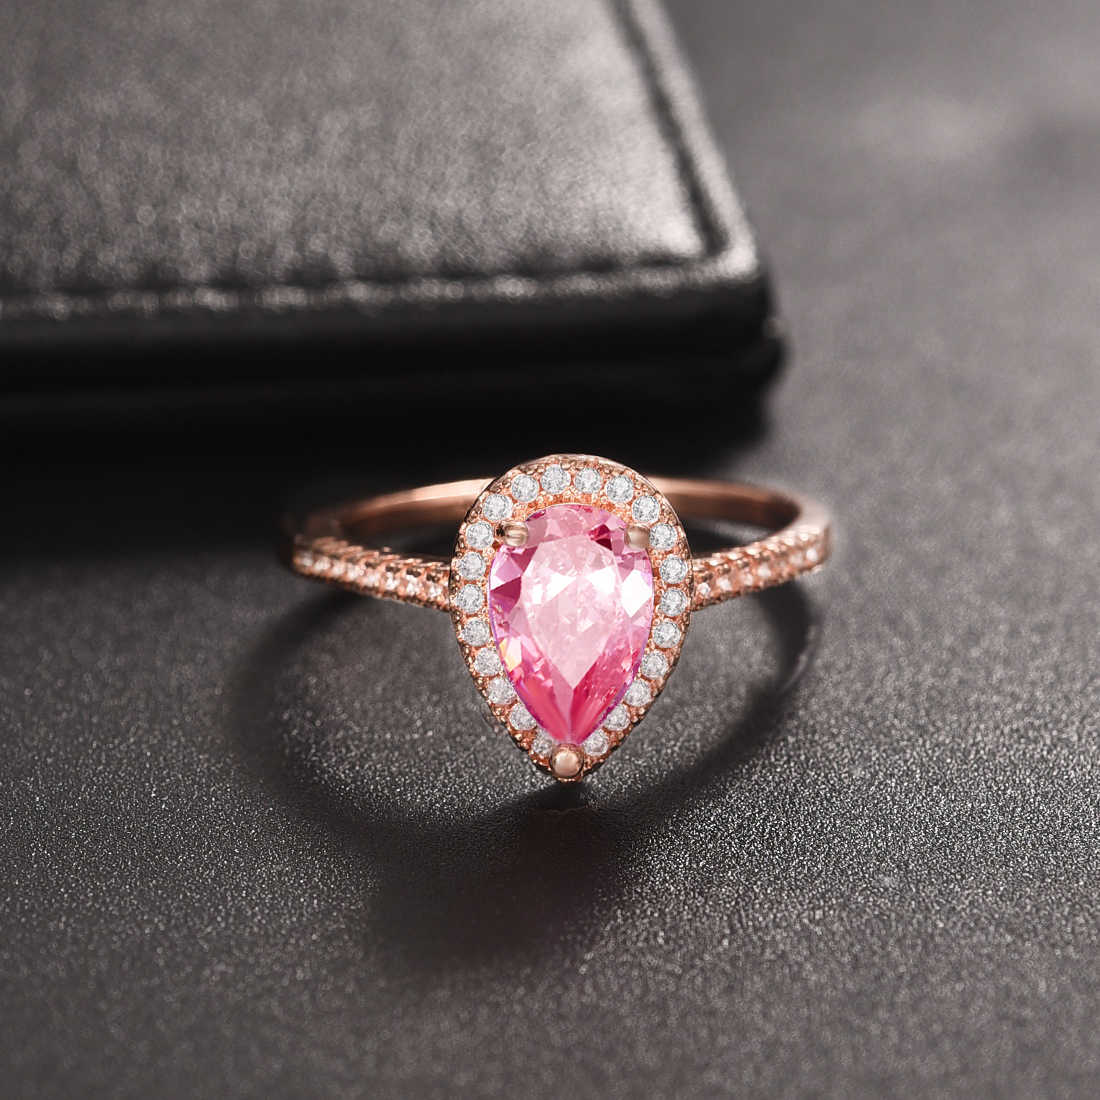 2019 แฟชั่นสีชมพู Zircon แหวน Rose Gold แหวน